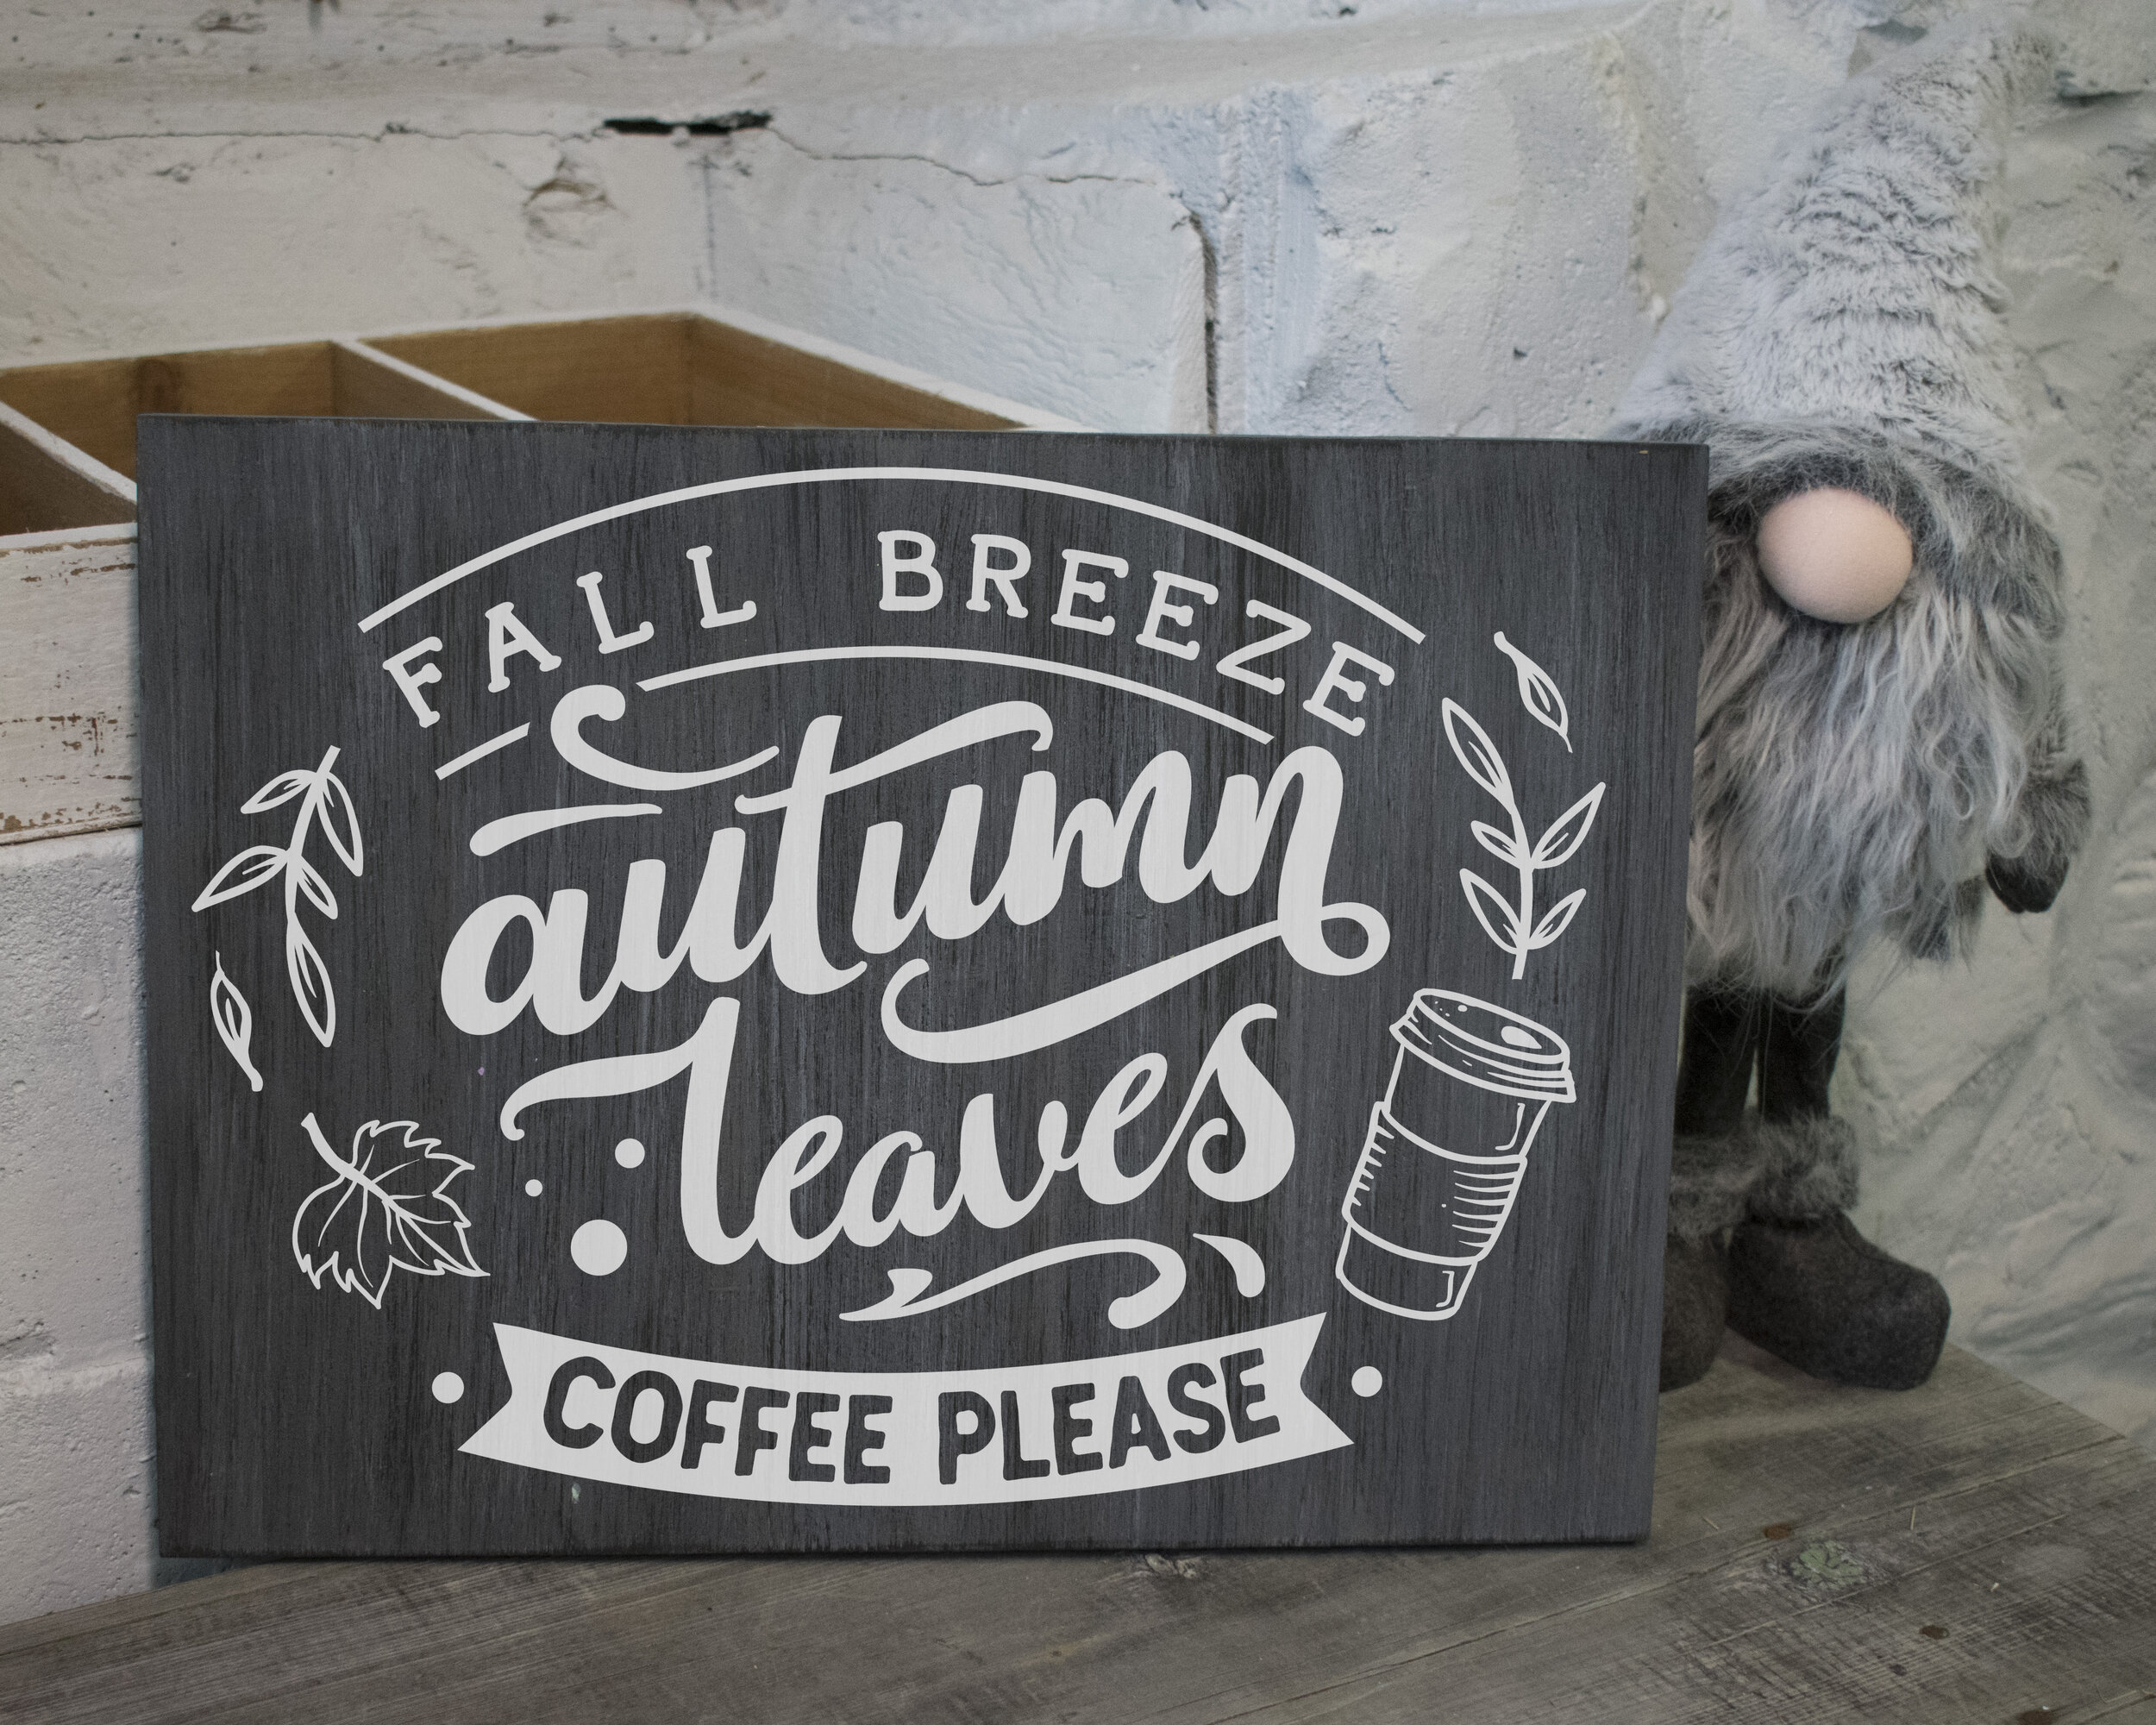 fallbreezecoffeepls.jpg